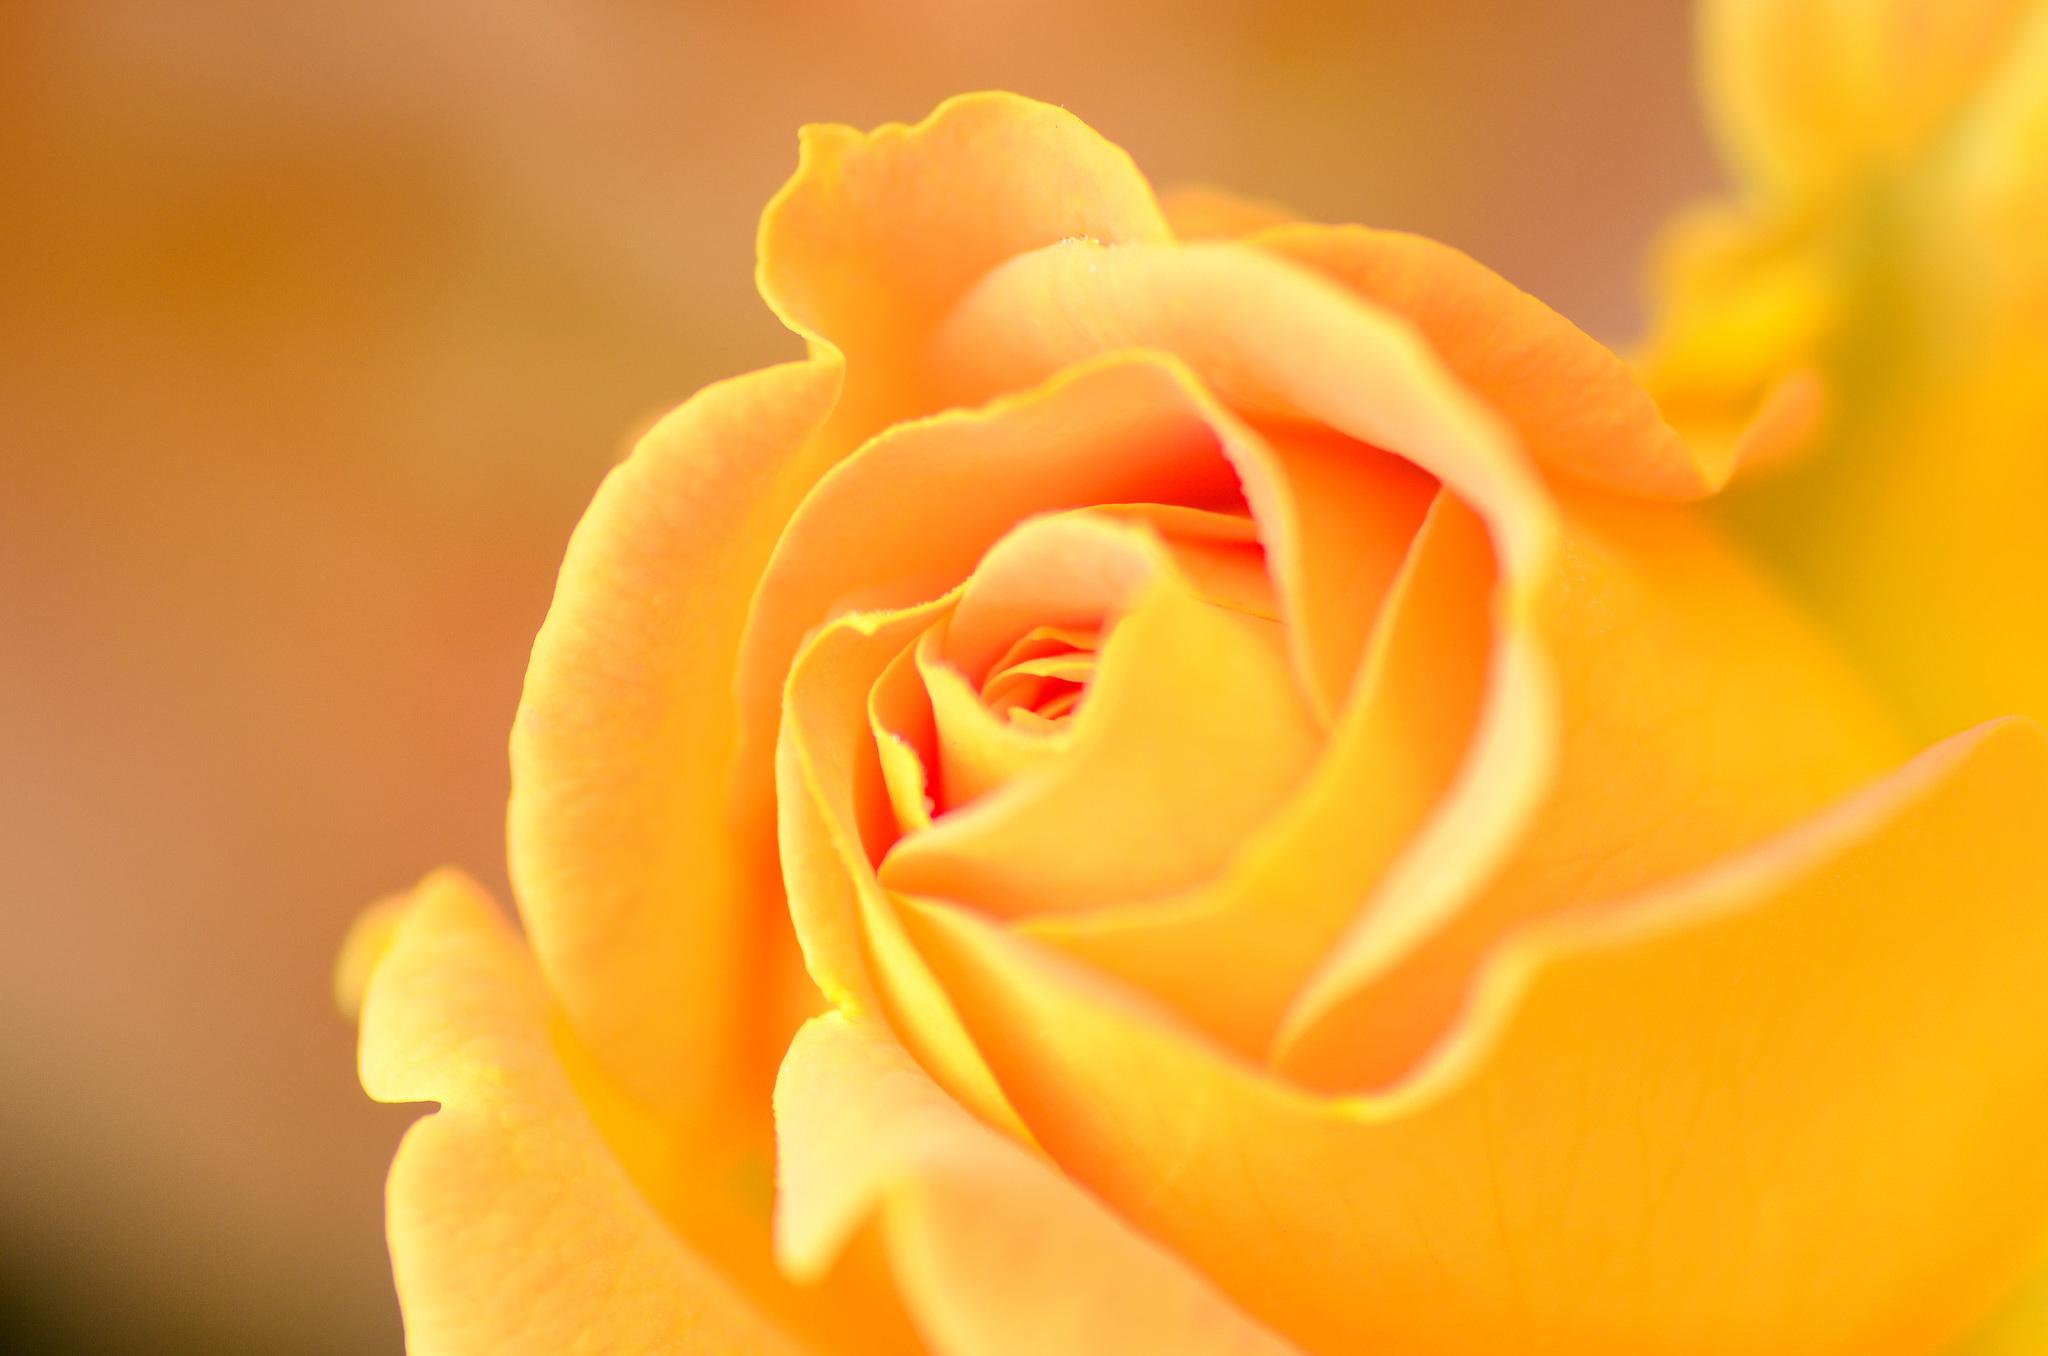 Обои для рабочего стола оранжевая роза